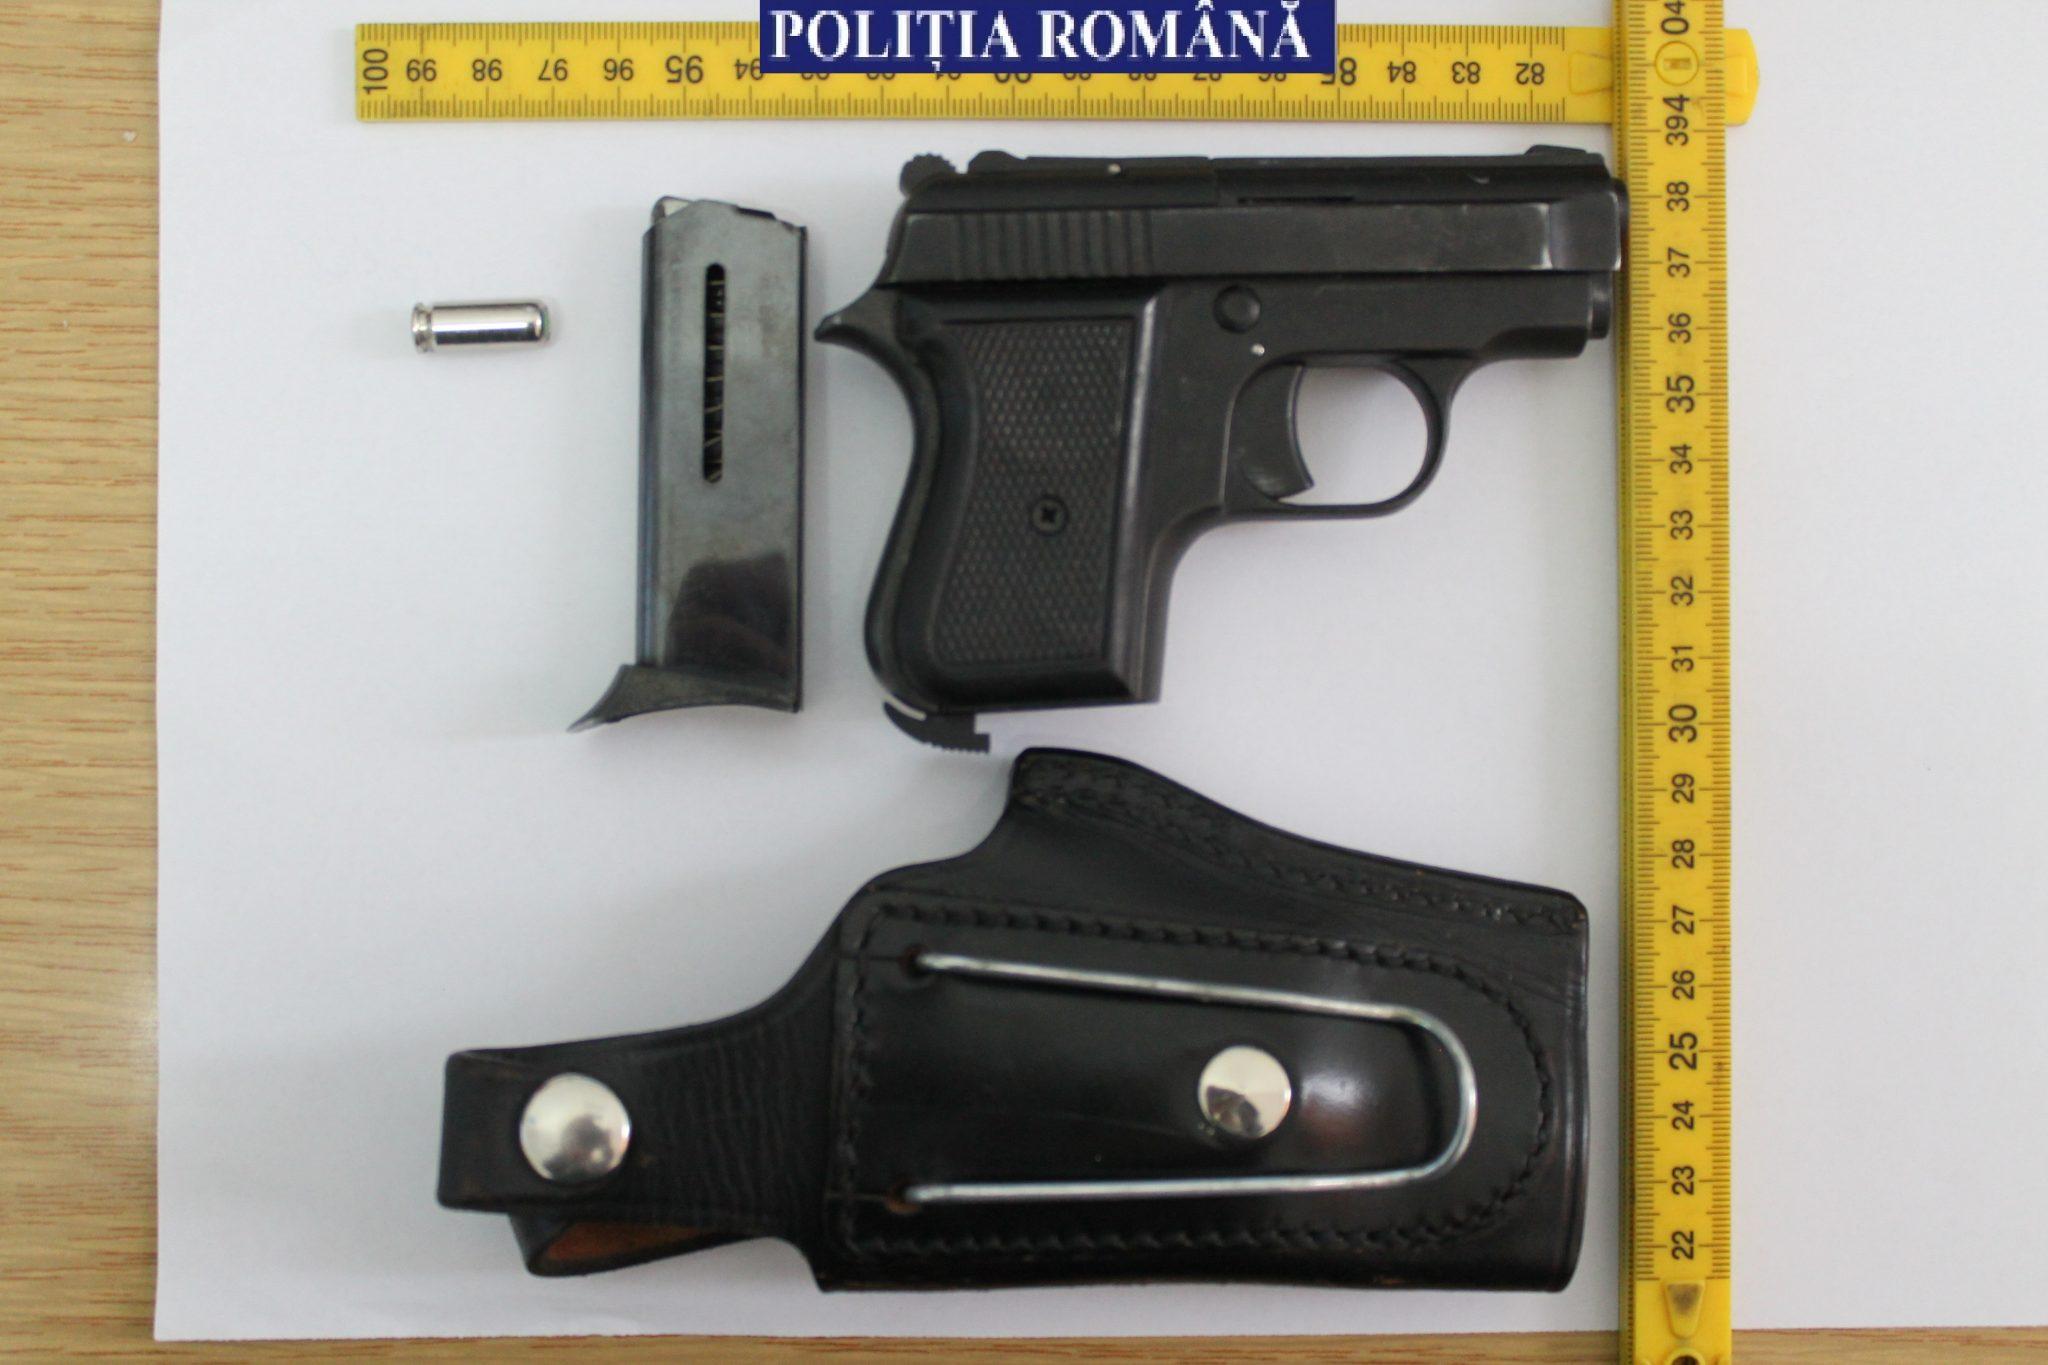 Pistolar penal la Eșelnița, prins de poliție